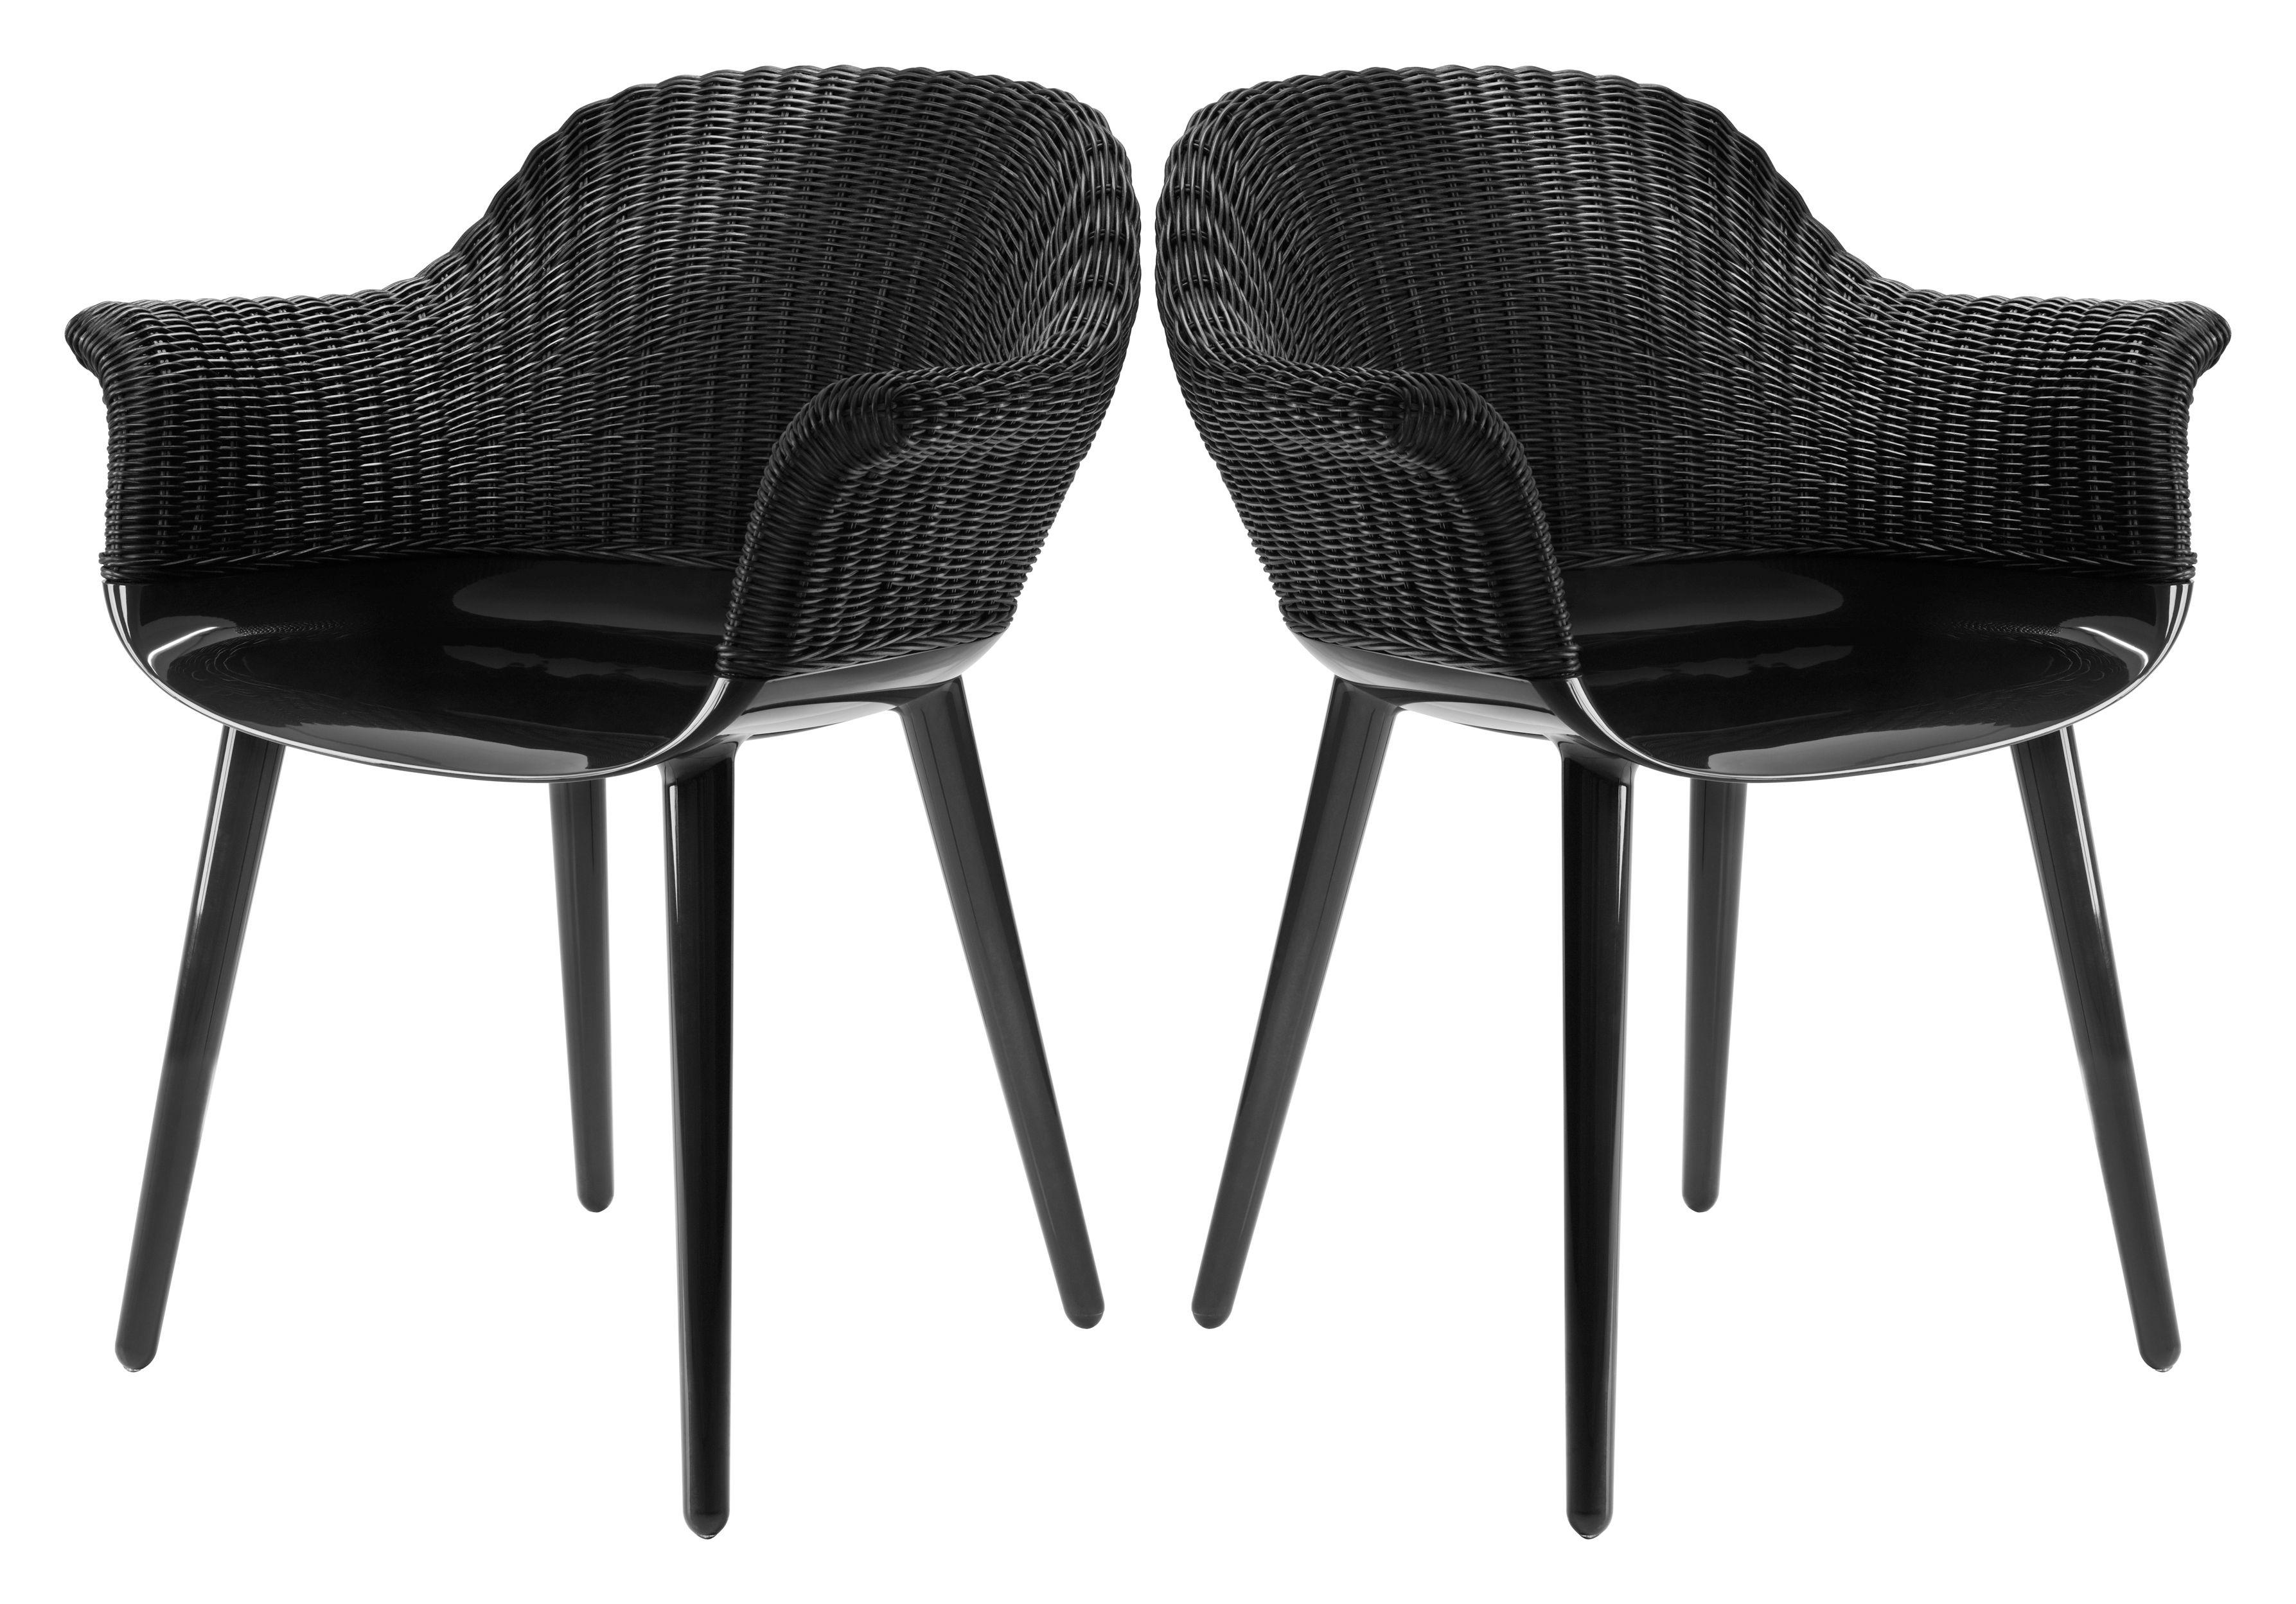 Sedie In Rattan Da Interno : Sedie in vimini da interno interesting great arredo esterno usato